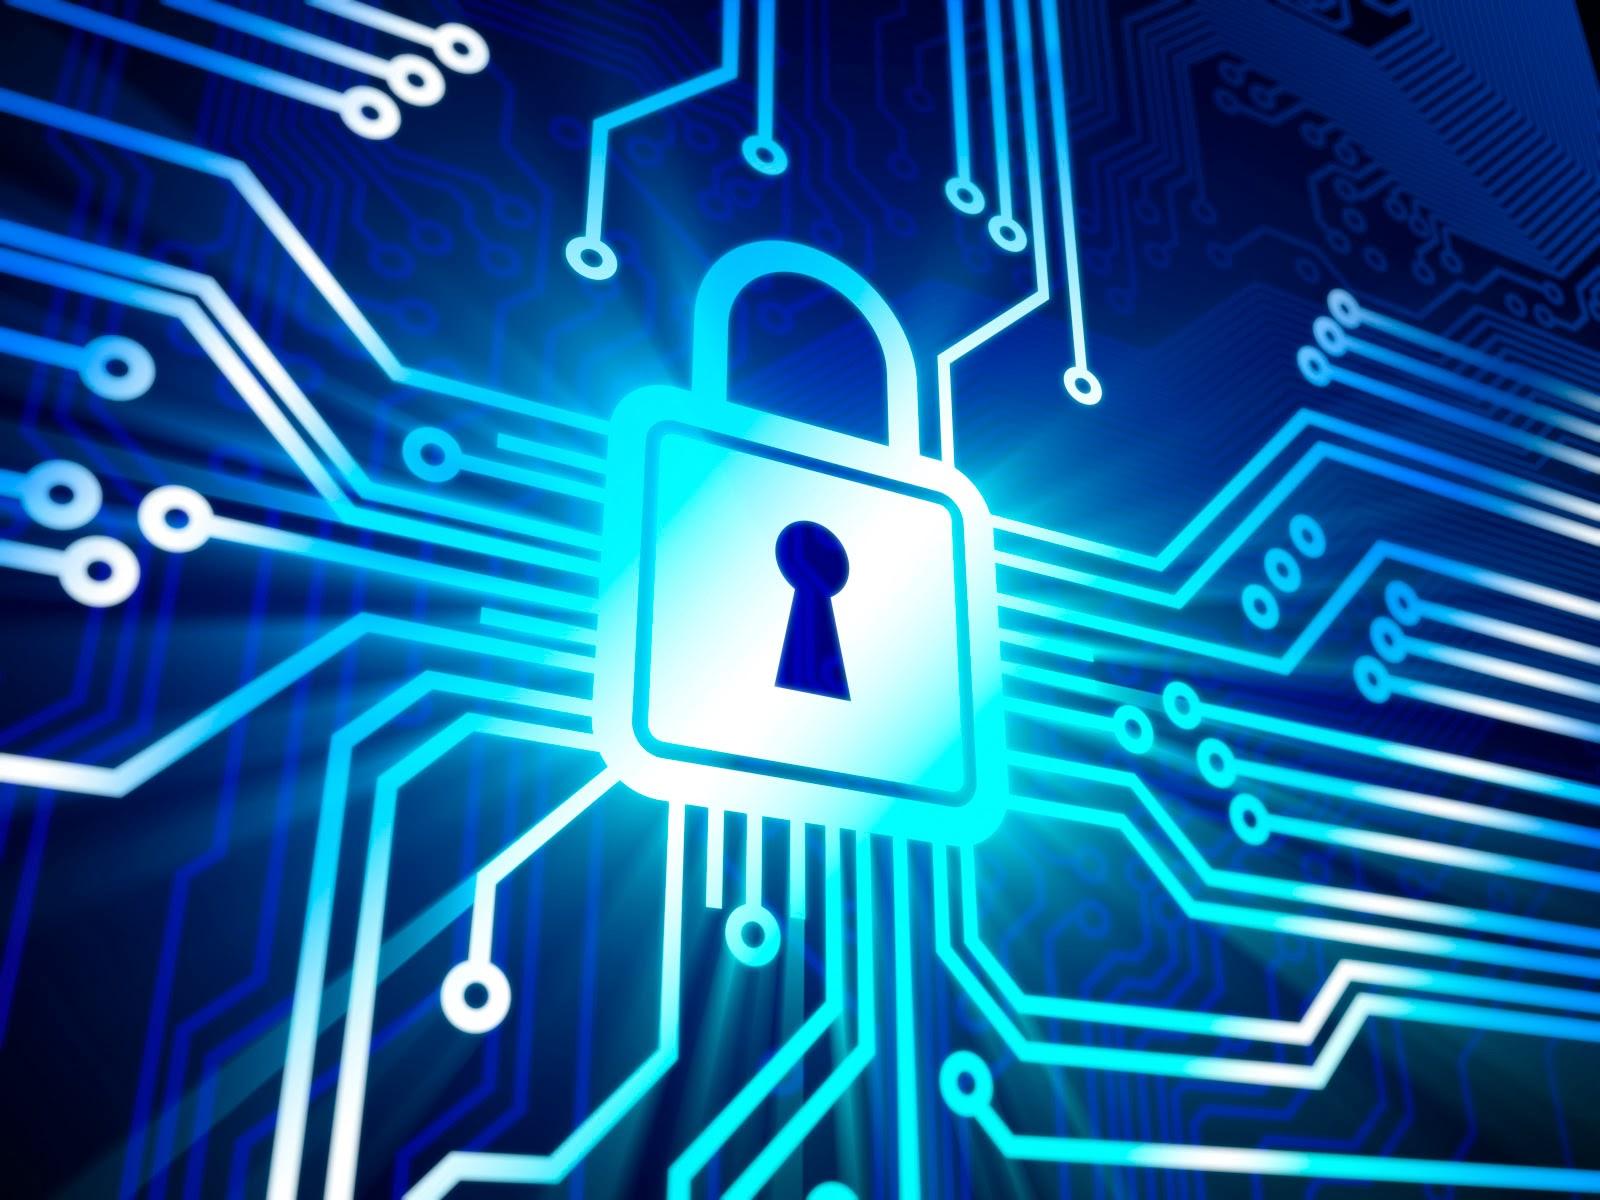 ما هو أمن المعلومات؟ ومراحل تطويره